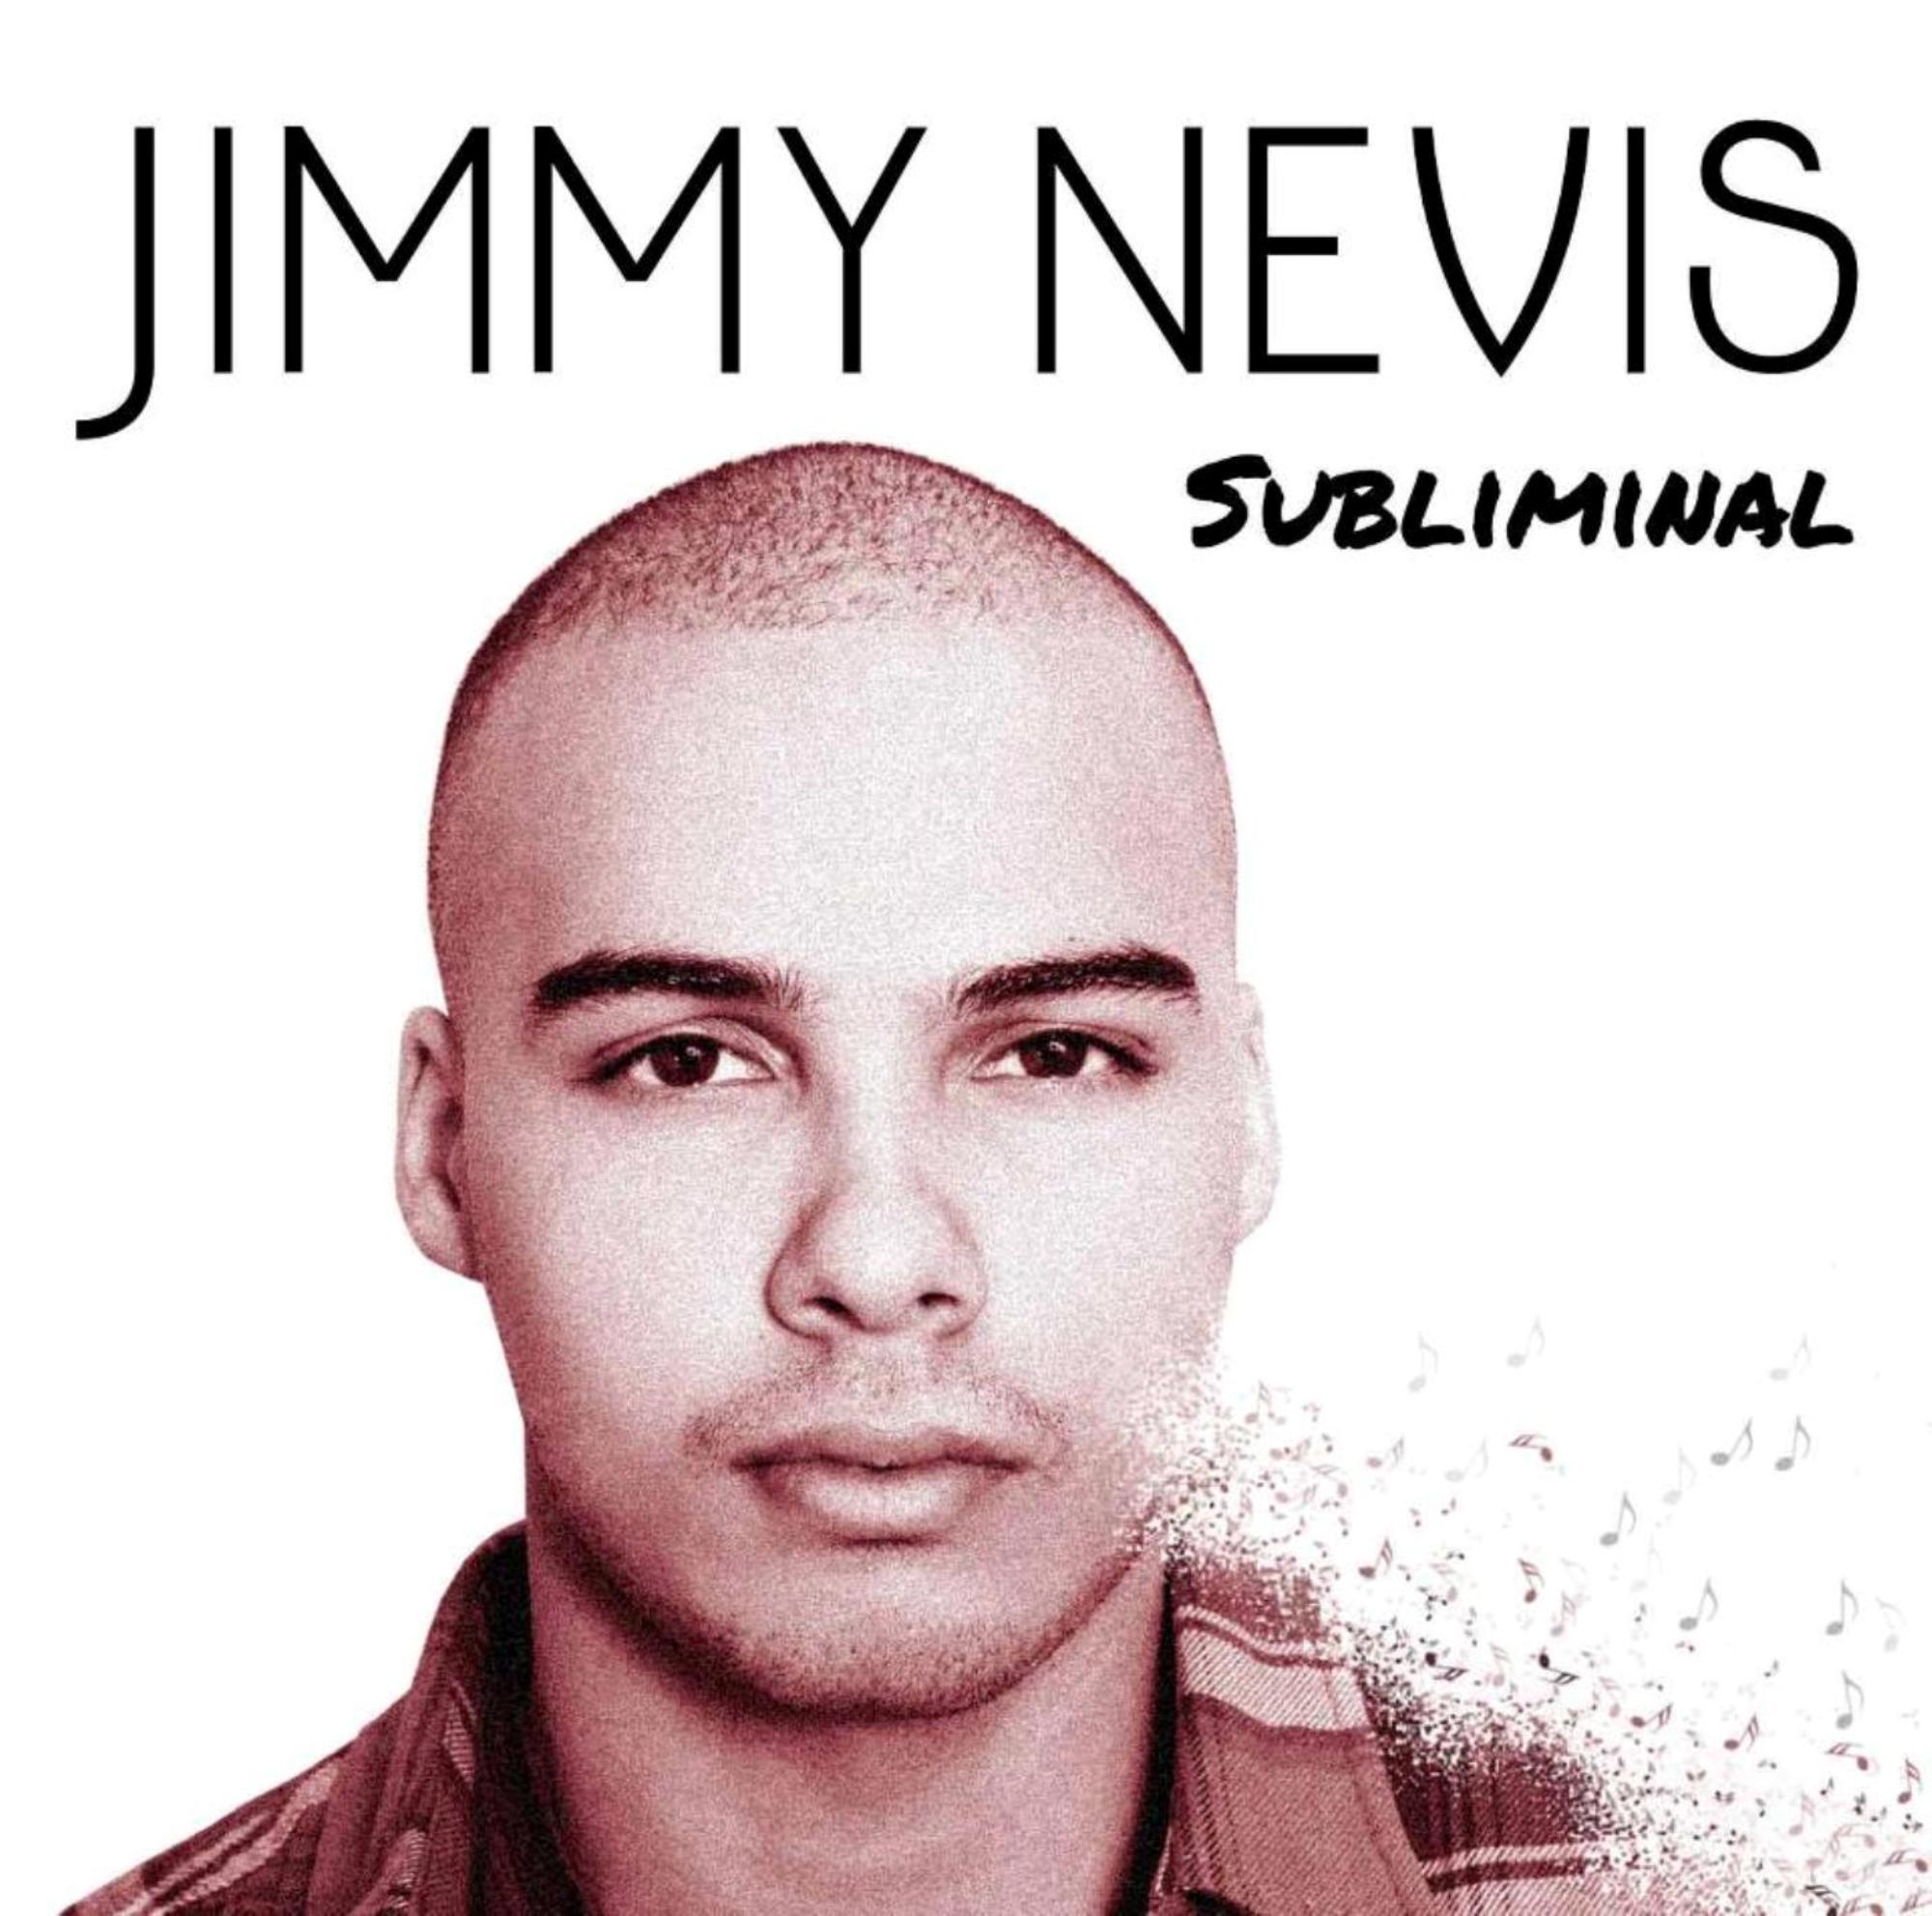 JIMMY NEVIS